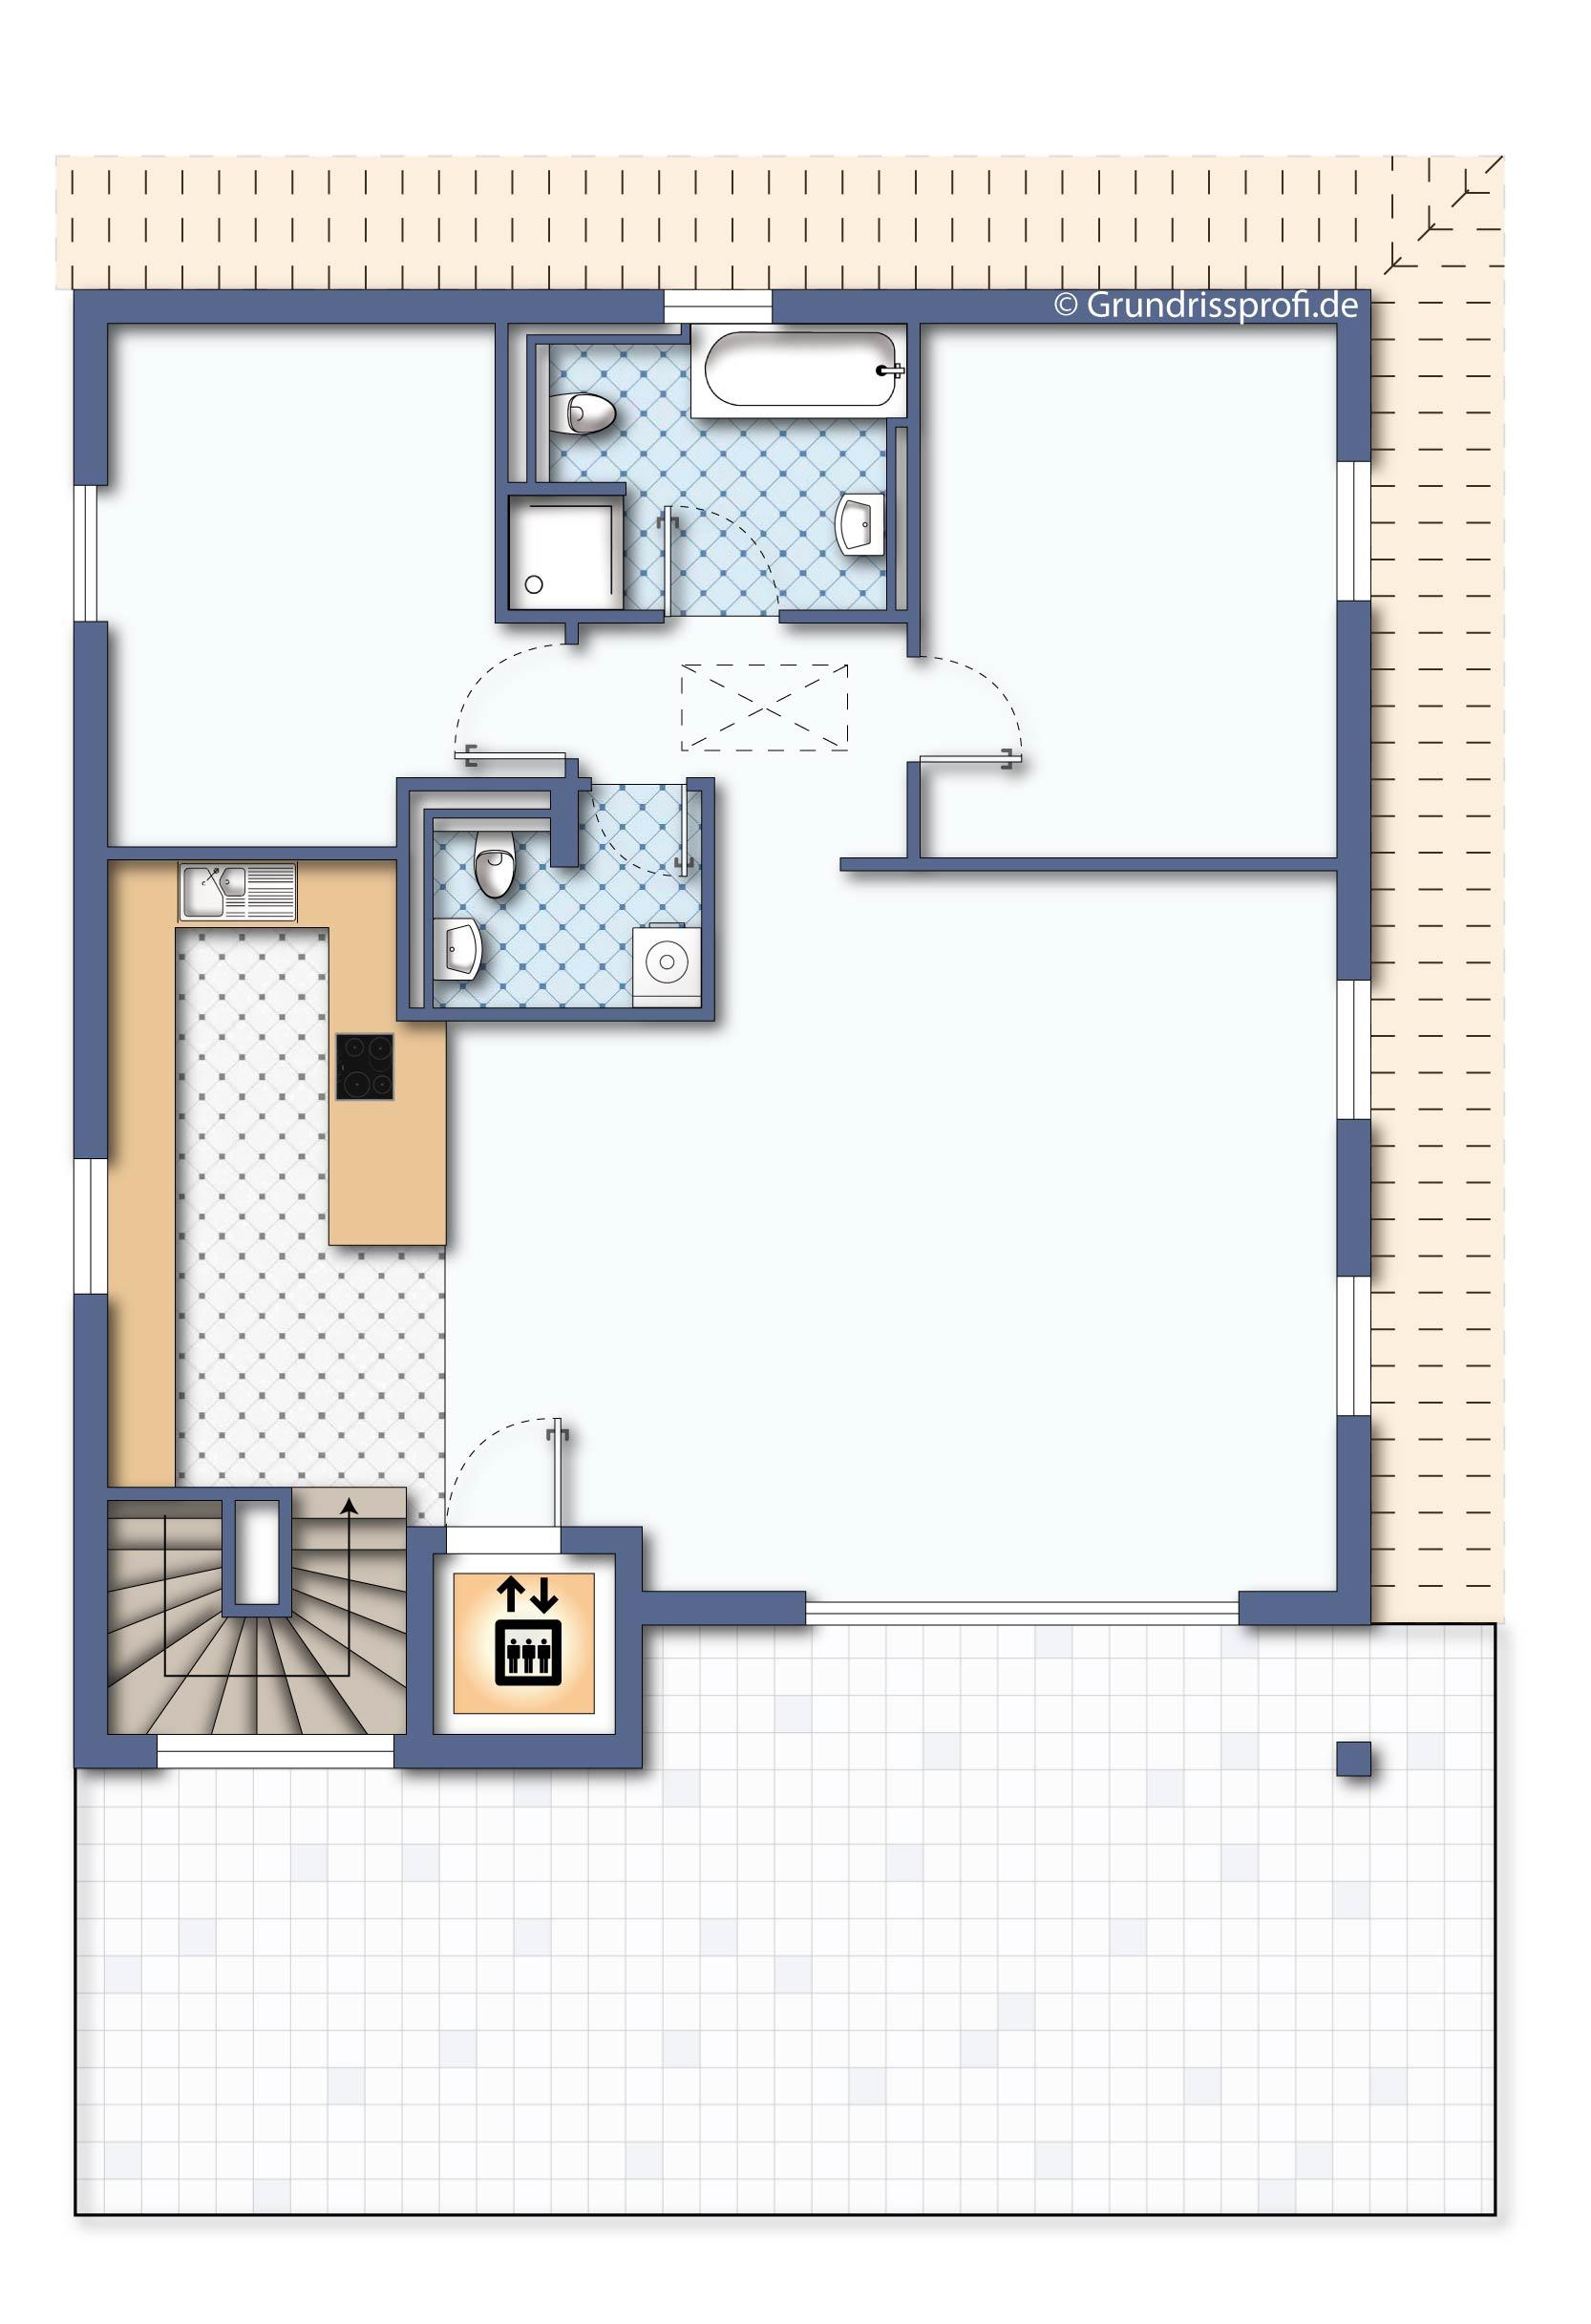 grundriss_penthouse berlin 3 zimmer ohne möbeln